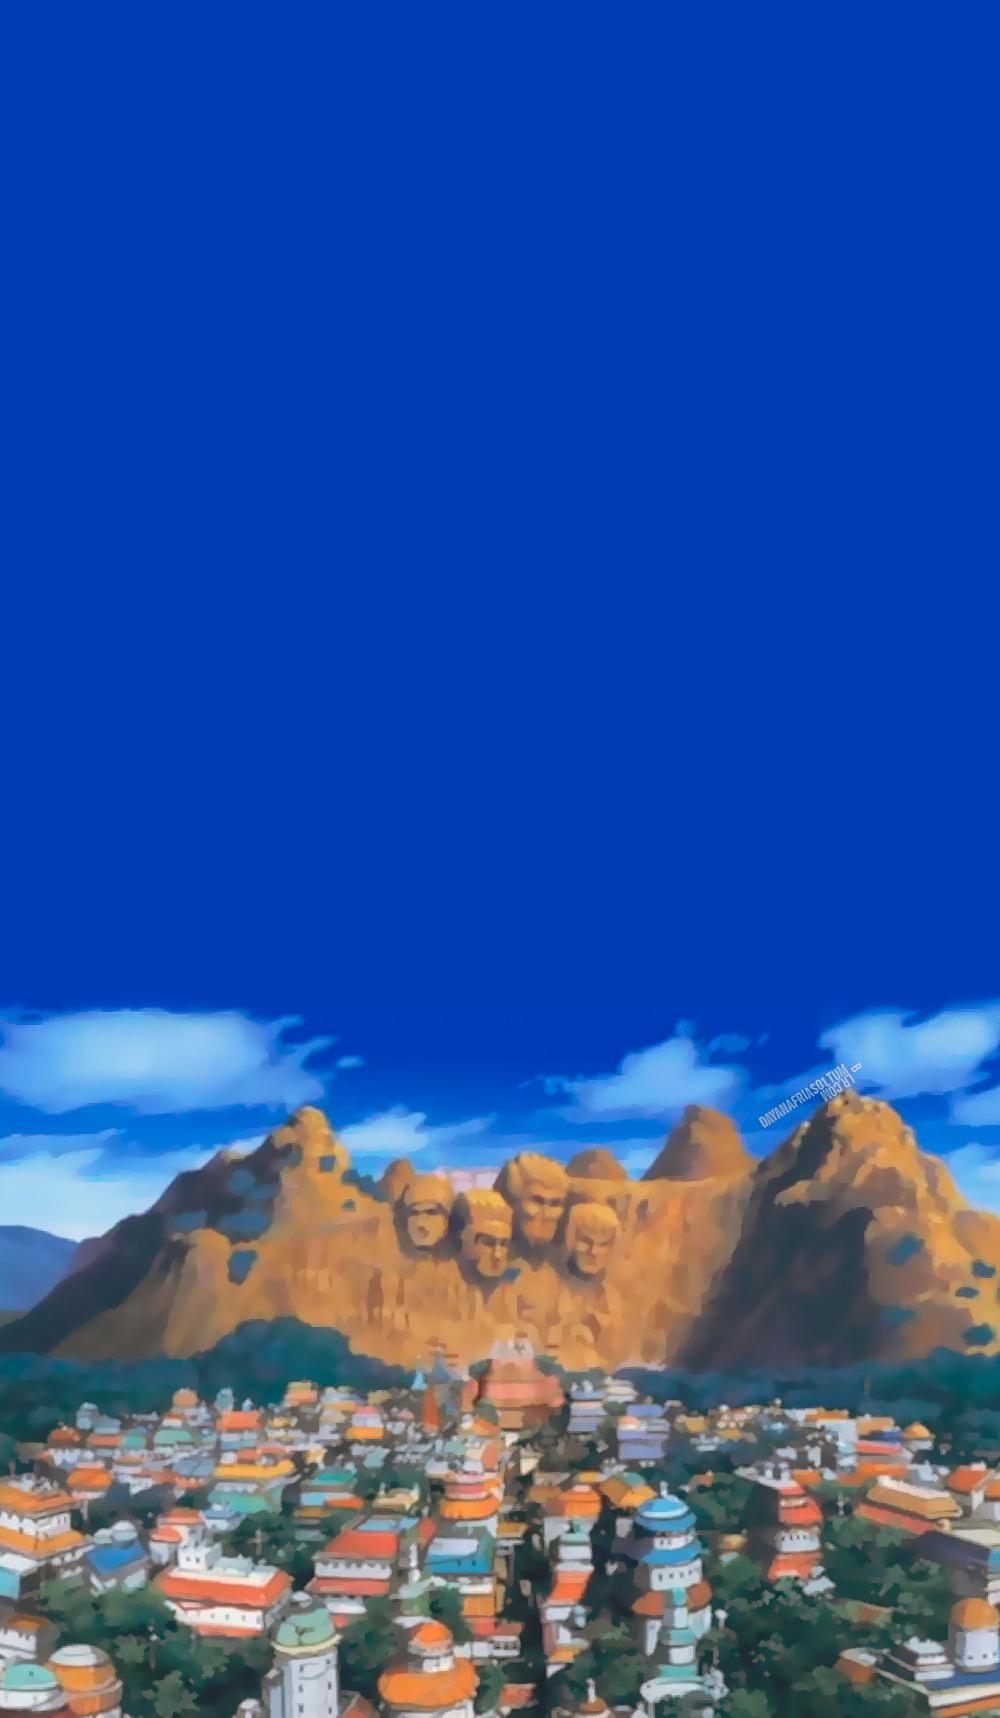 动漫里的绝美风景壁纸,壁纸尺寸:1000*1718 火影忍着背景